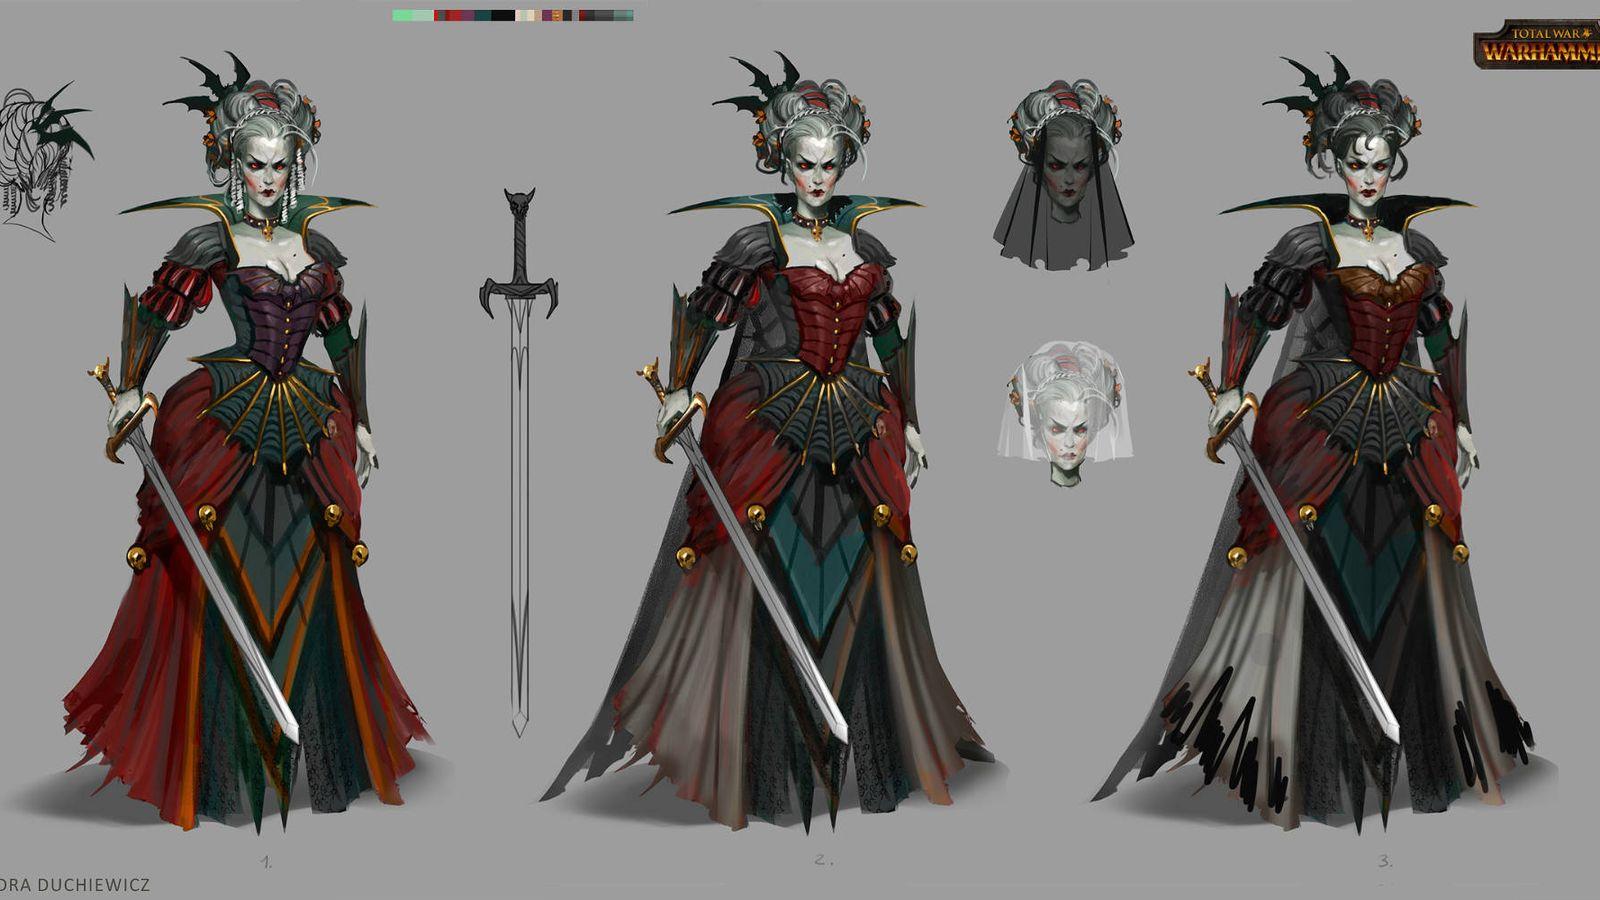 Foto: Una mujer vampiro y unos 'trolls' algunos de los diseños de Sandra Duchiewicz para 'Total War: Warhammer' (Fuente: Sandra Duchiewicz)